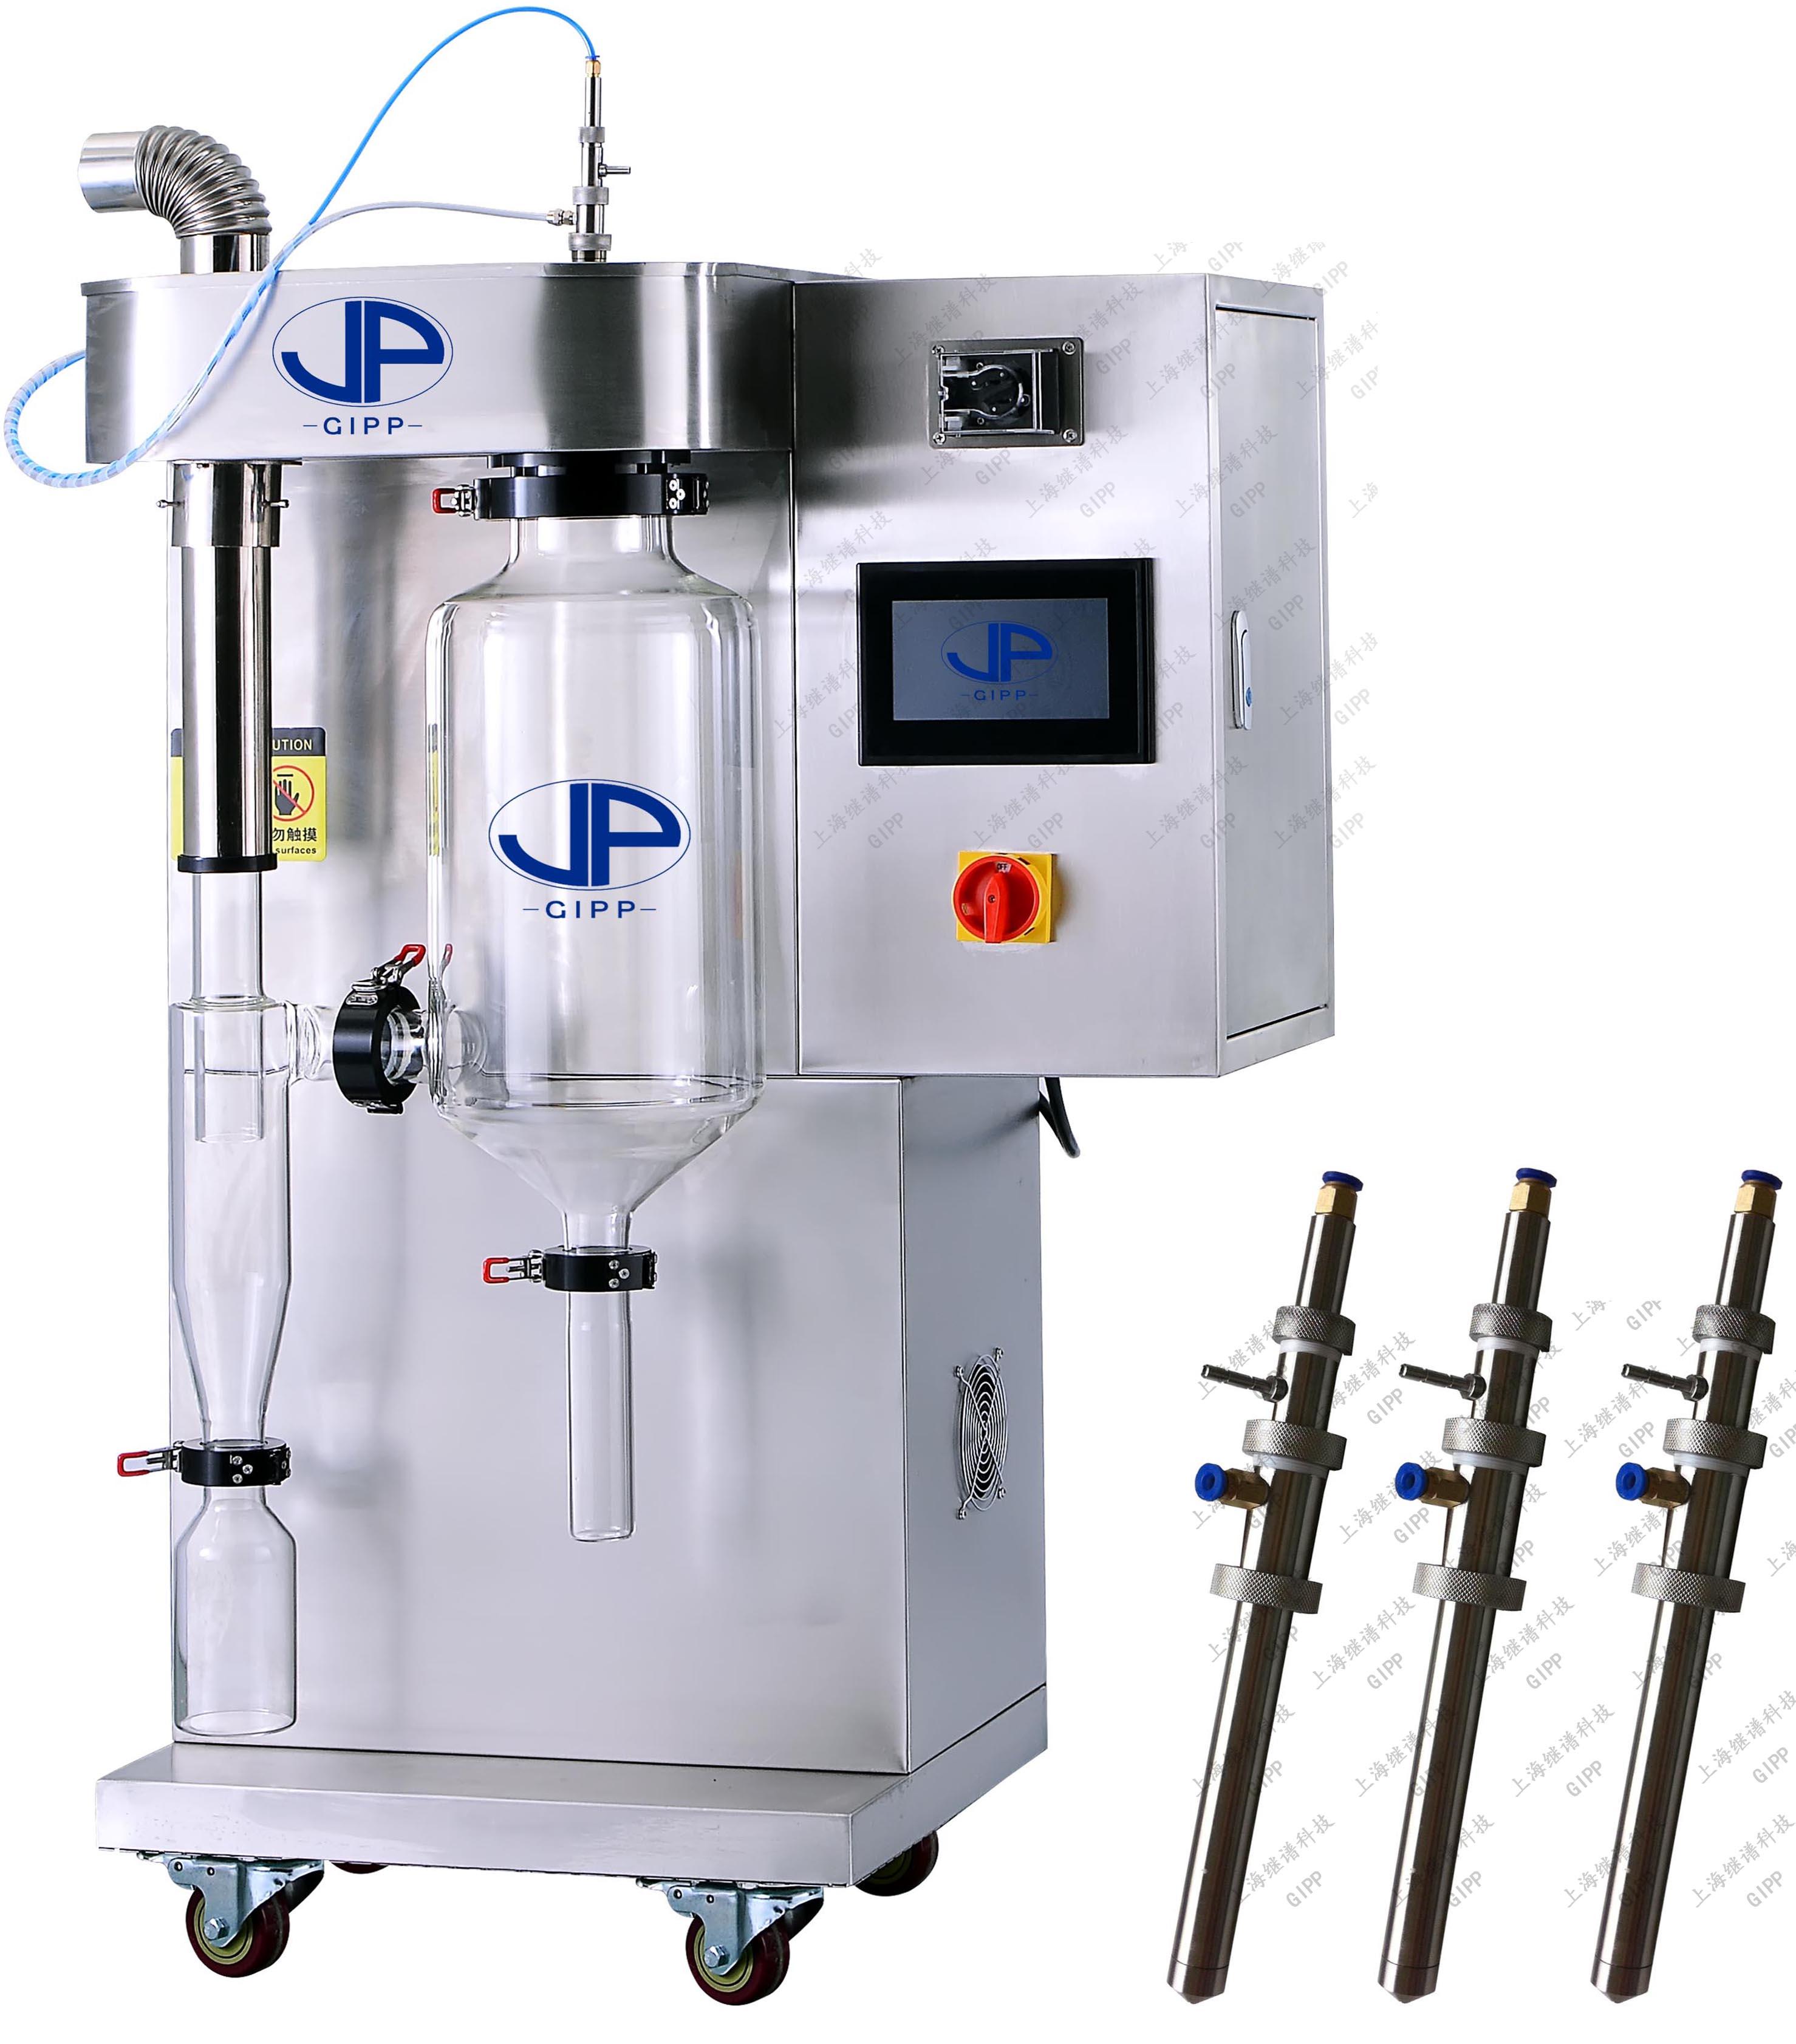 小型實驗室噴霧干燥機GIPP-2000